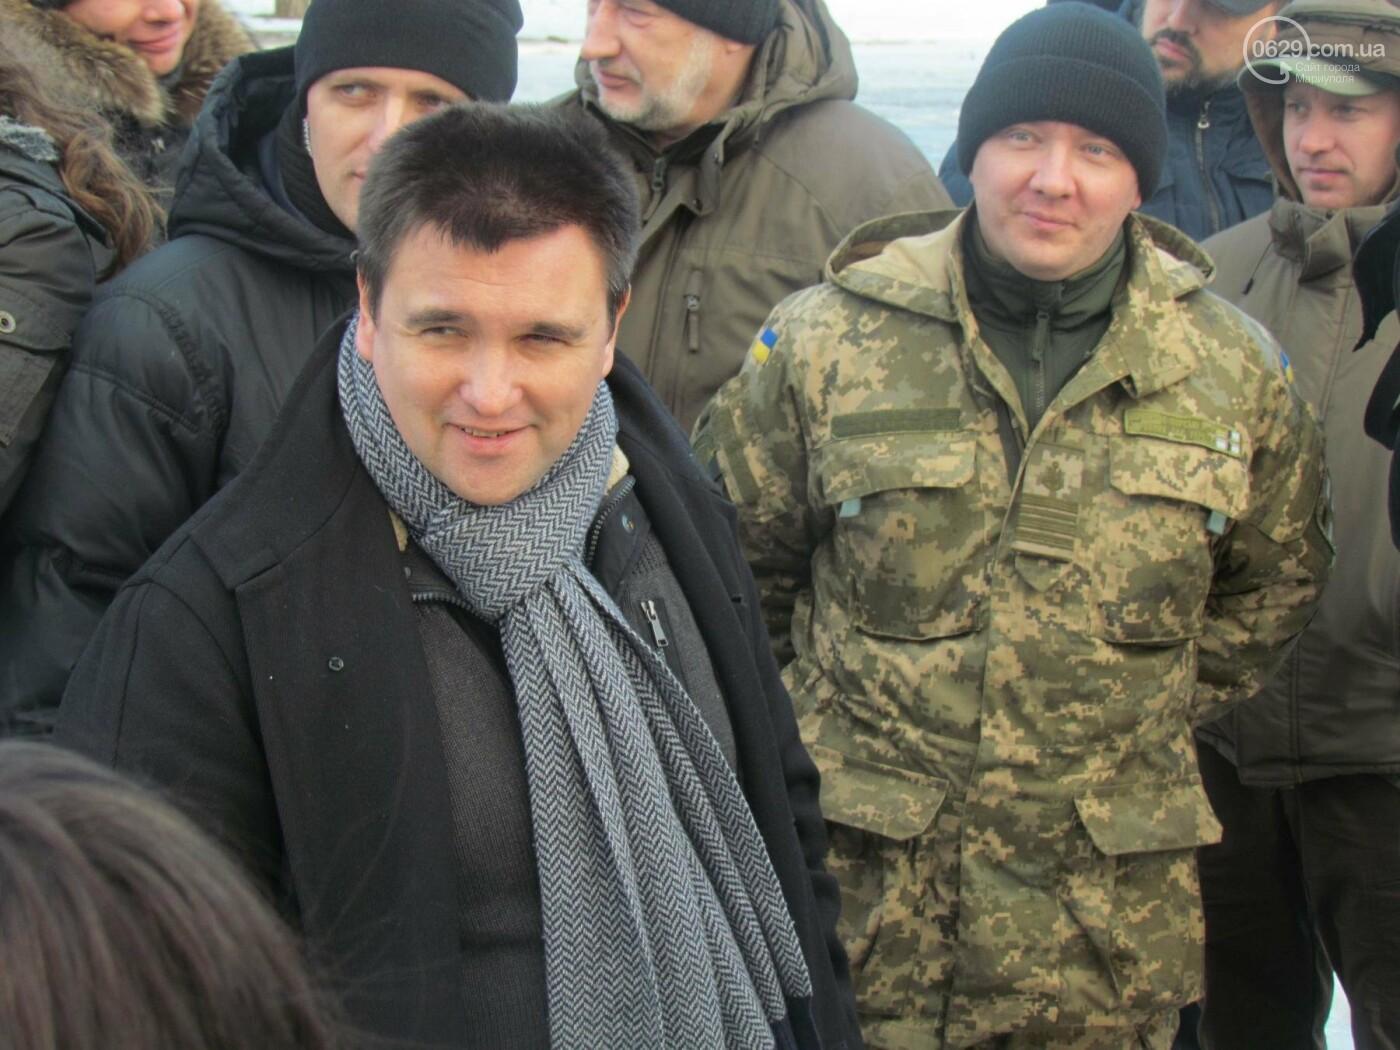 Председатель ОБСЕ Альфано в Мариуполе: жителям Донбасса выделят 2 млн евро гуманитарной помощи (ФОТО), фото-5